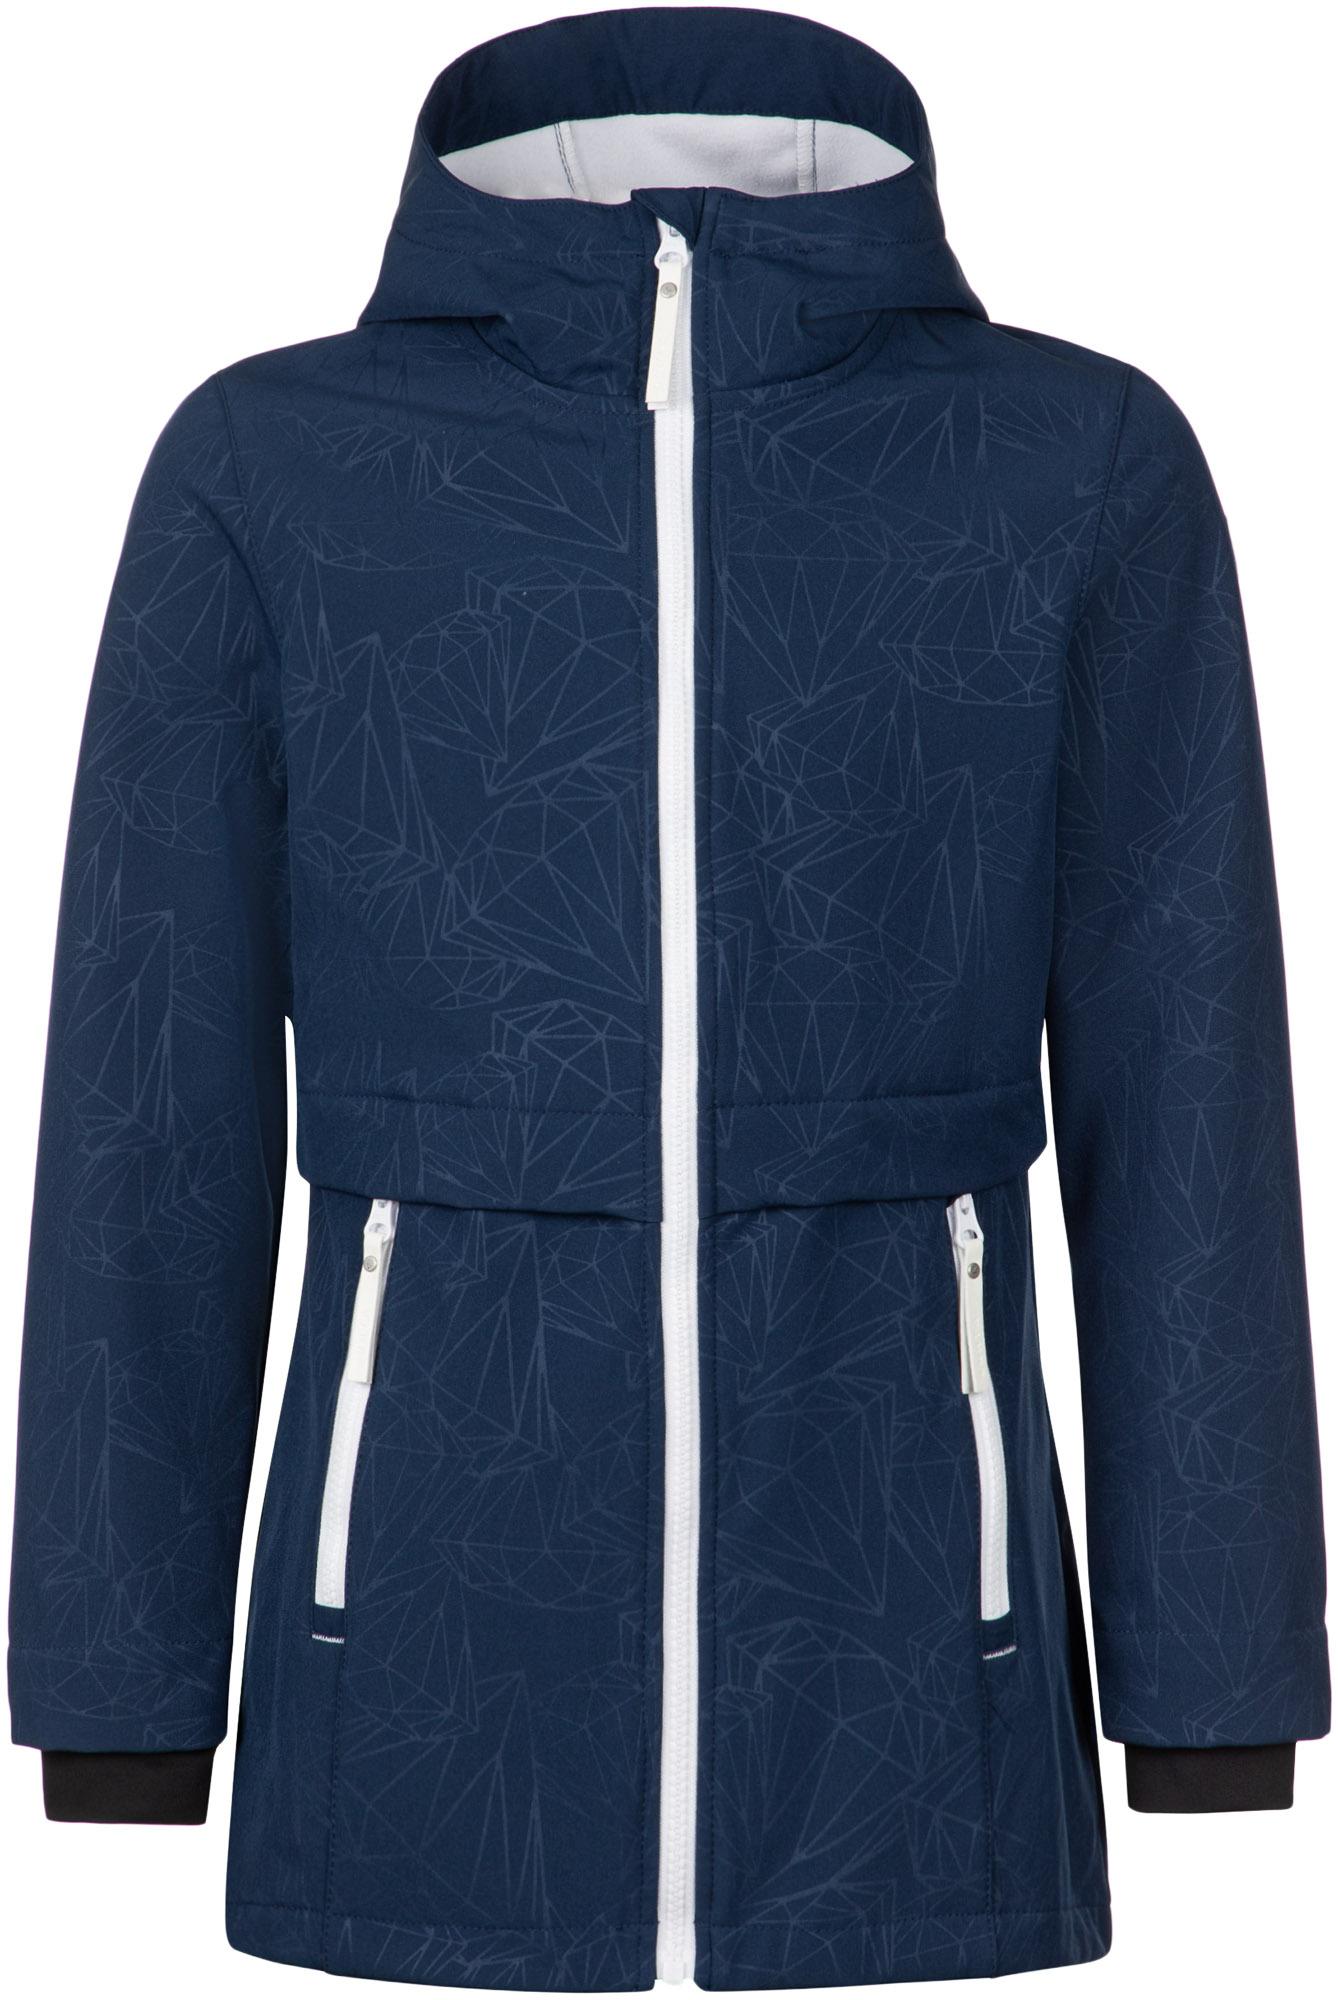 Luhta Куртка софтшелл для девочек Luhta Luhanka, размер 164 куртка утепленная luhta luhta lu692ewcovk3